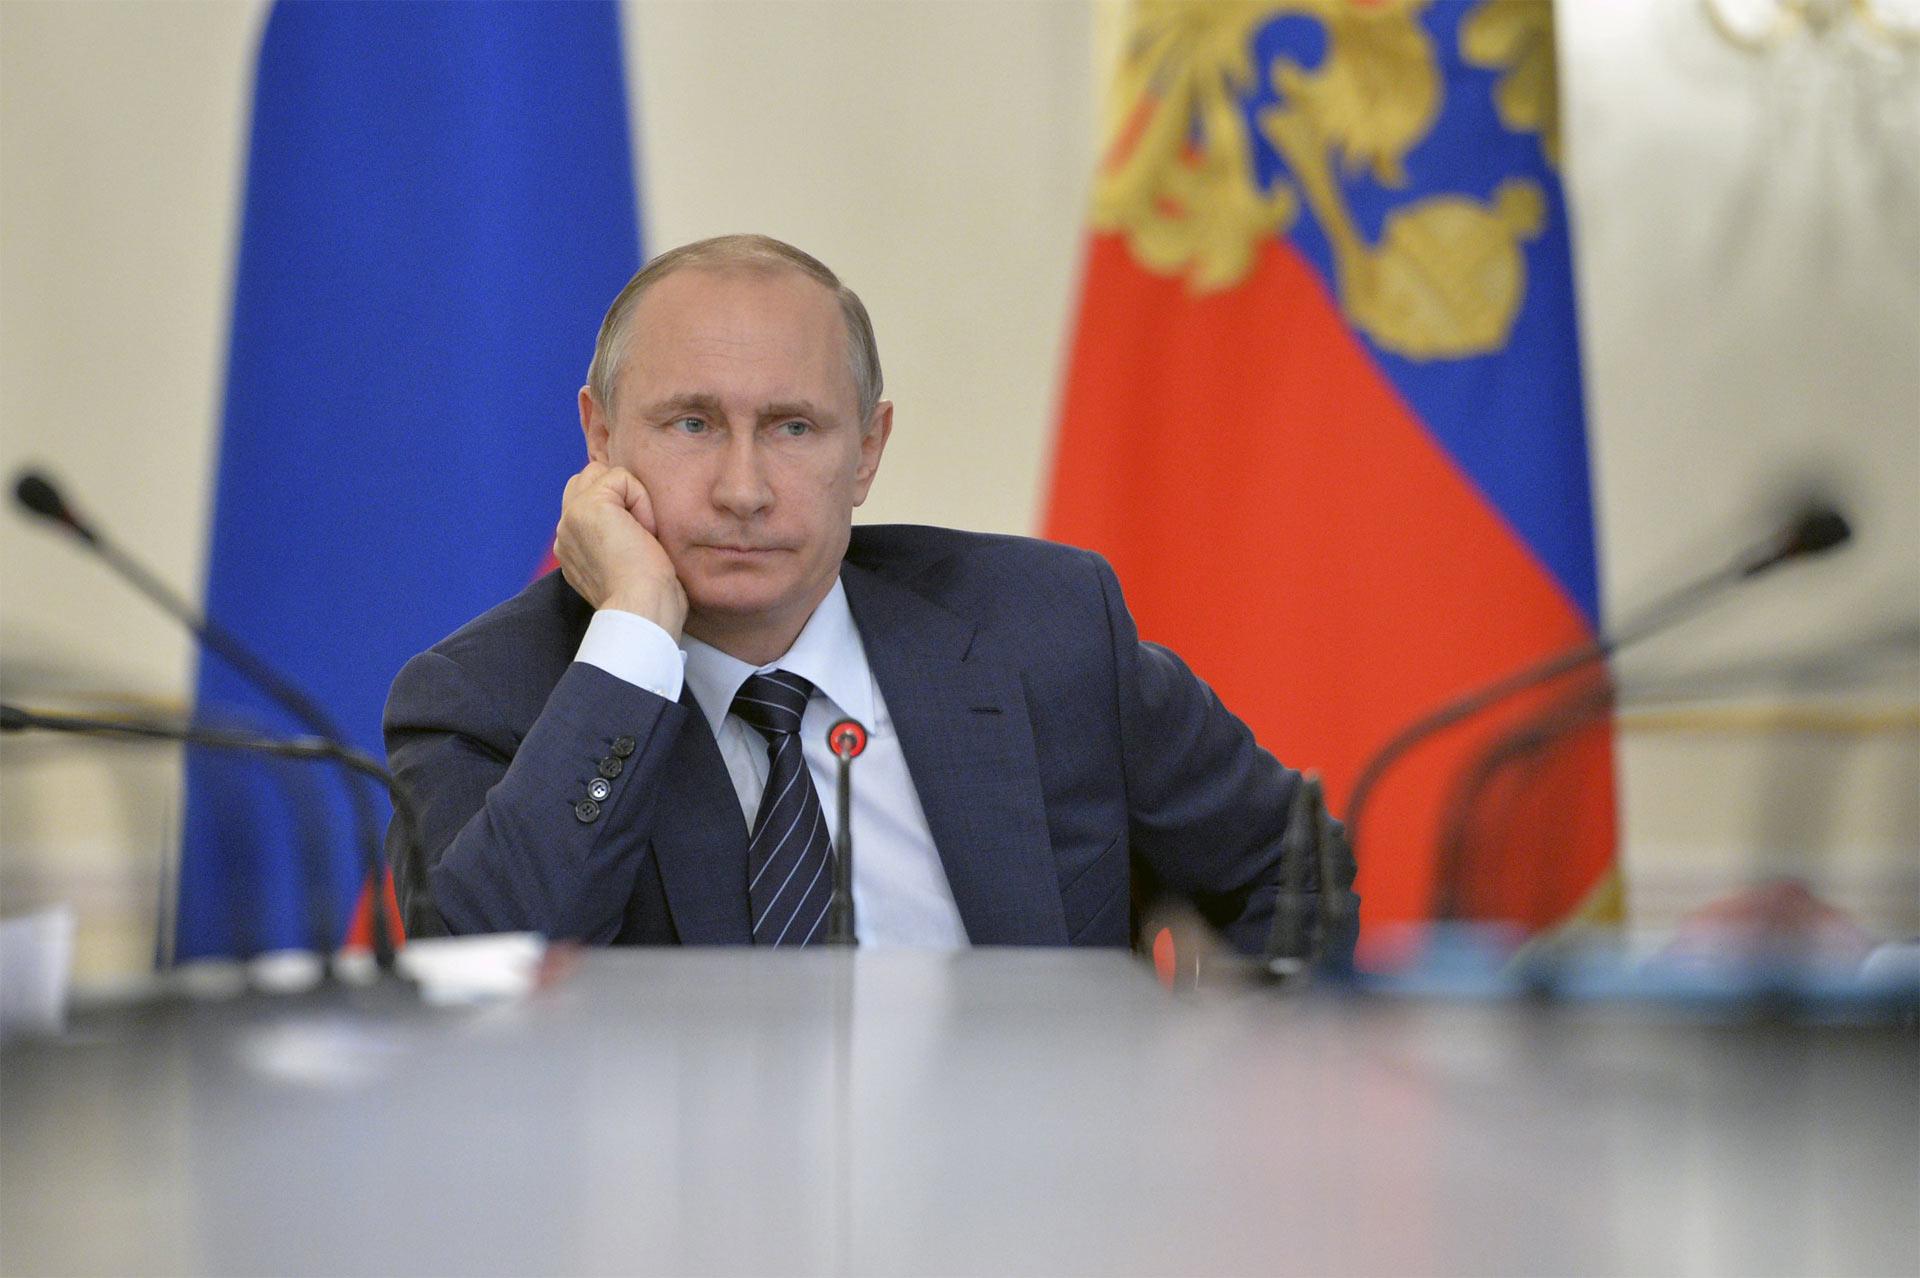 El presidente ruso considera que la iniciativa para investigar el caso de Malaysia Airlines es precipitado